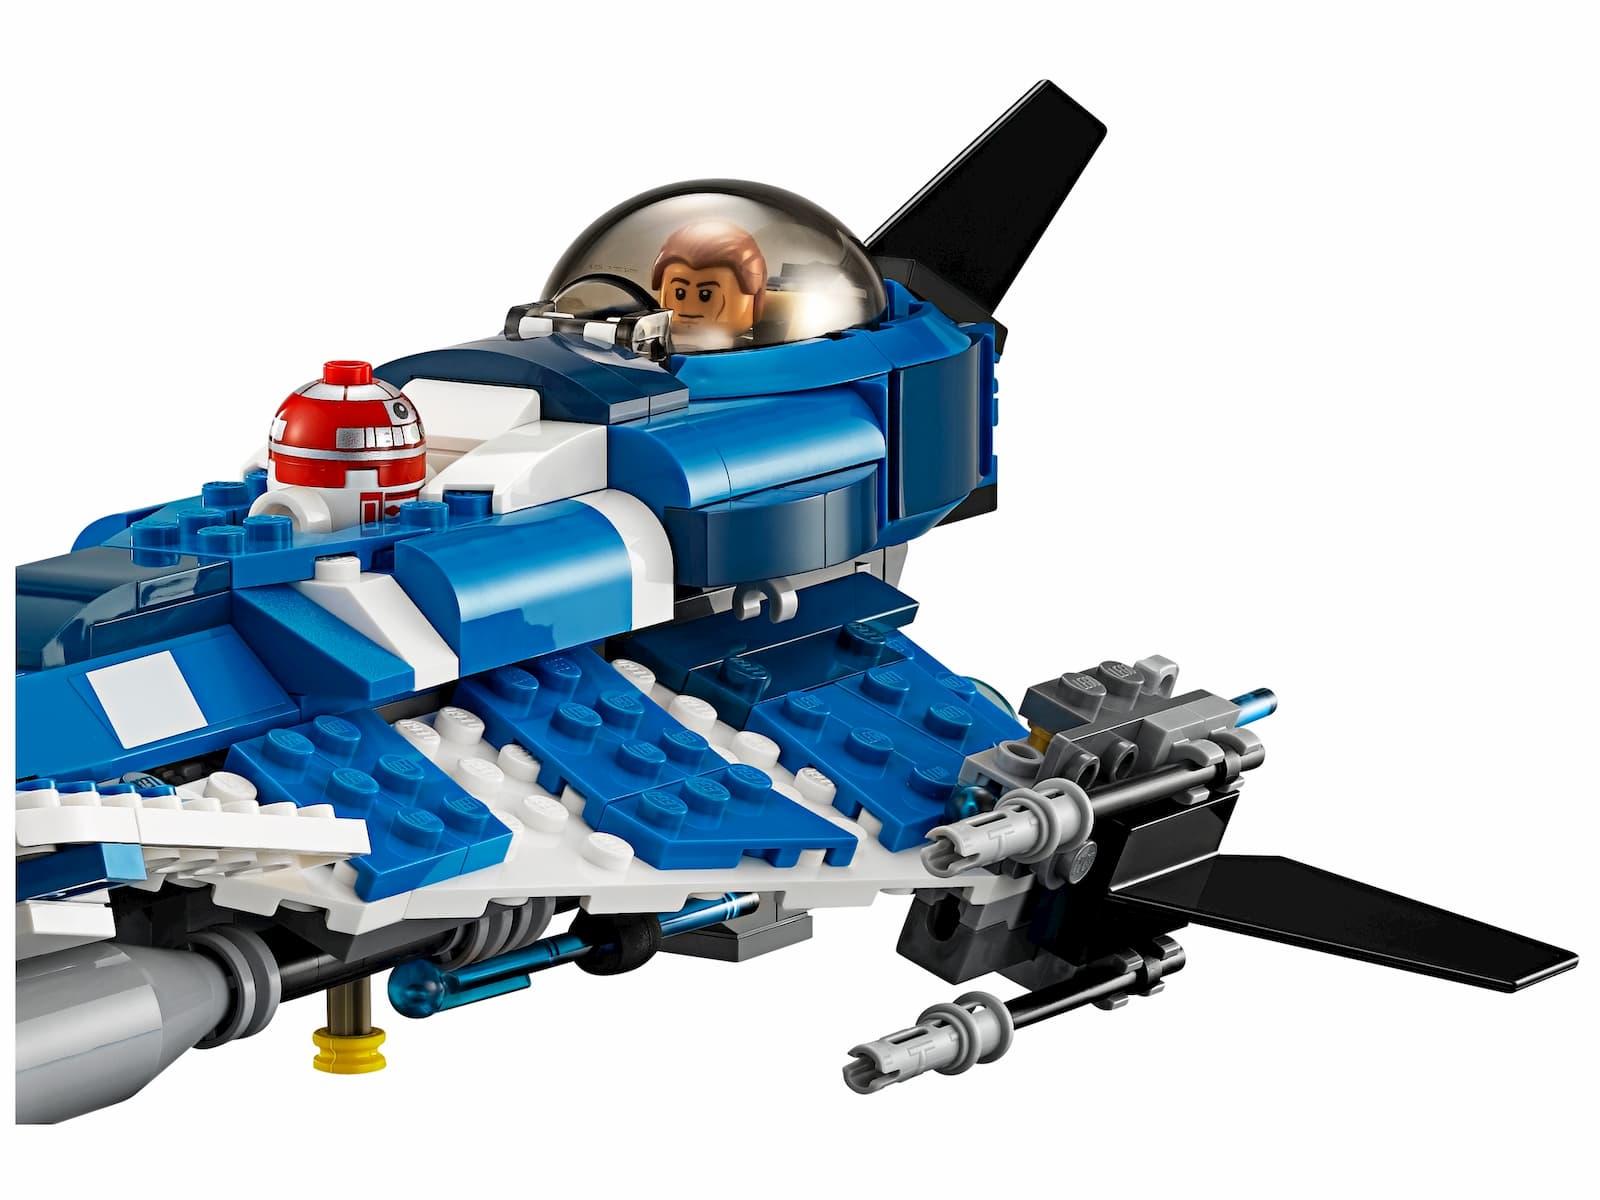 Конструктор Bl «Джедайский истребитель Энакина» 10375 (Star Wars 75087) / 369 деталей